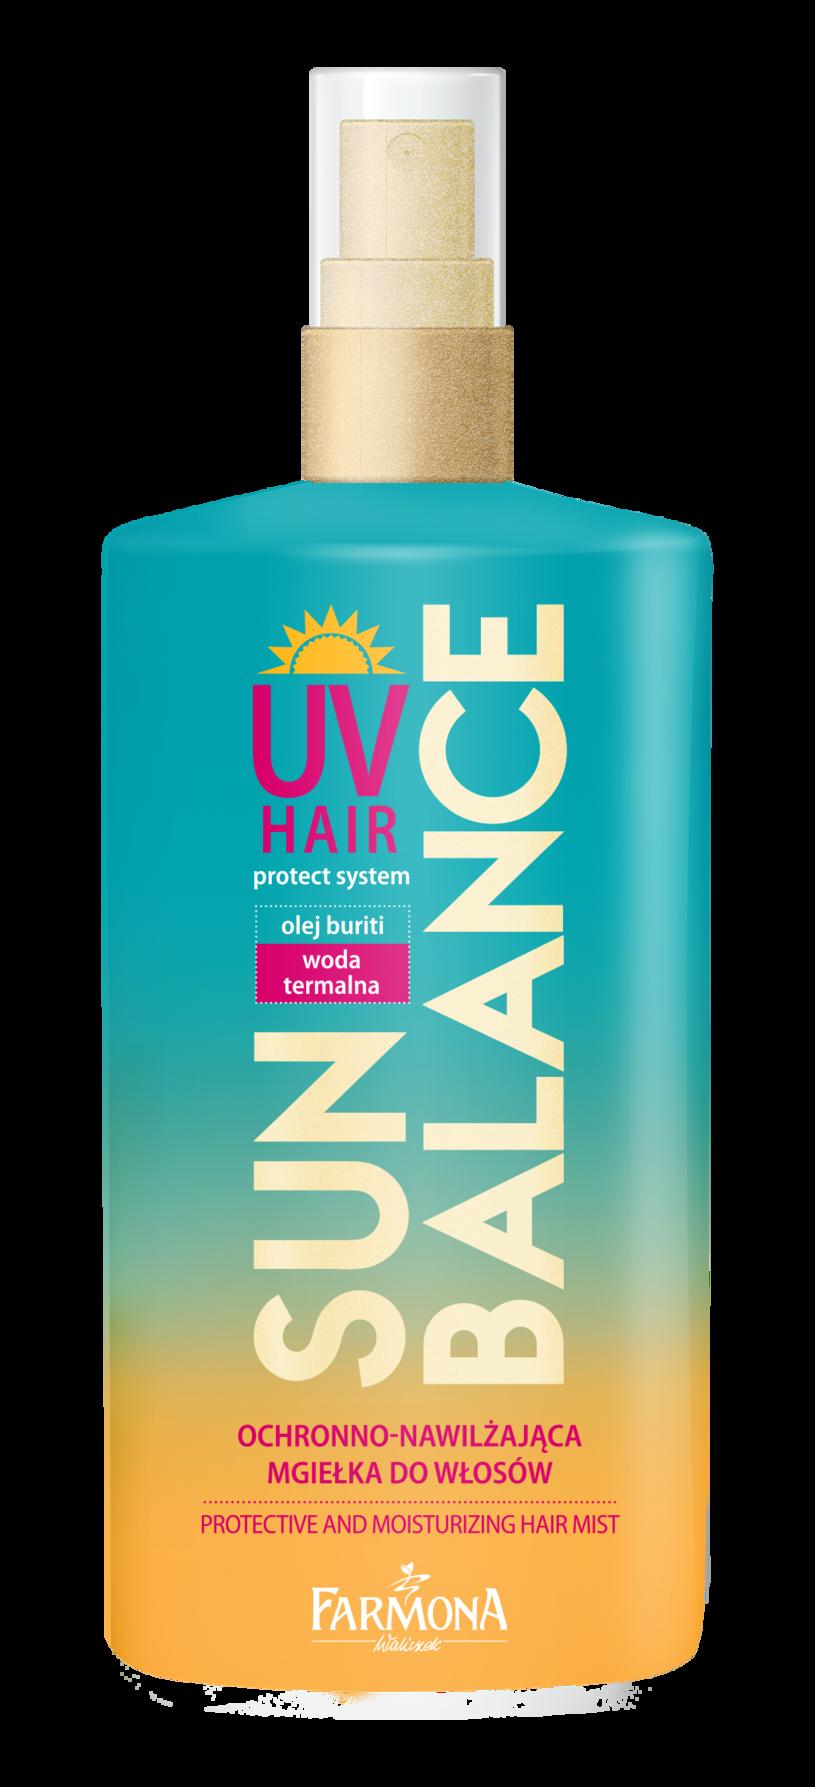 Ochronno-nawilżająca mgiełka do włosów Sun Balance /INTERIA.PL/materiały prasowe